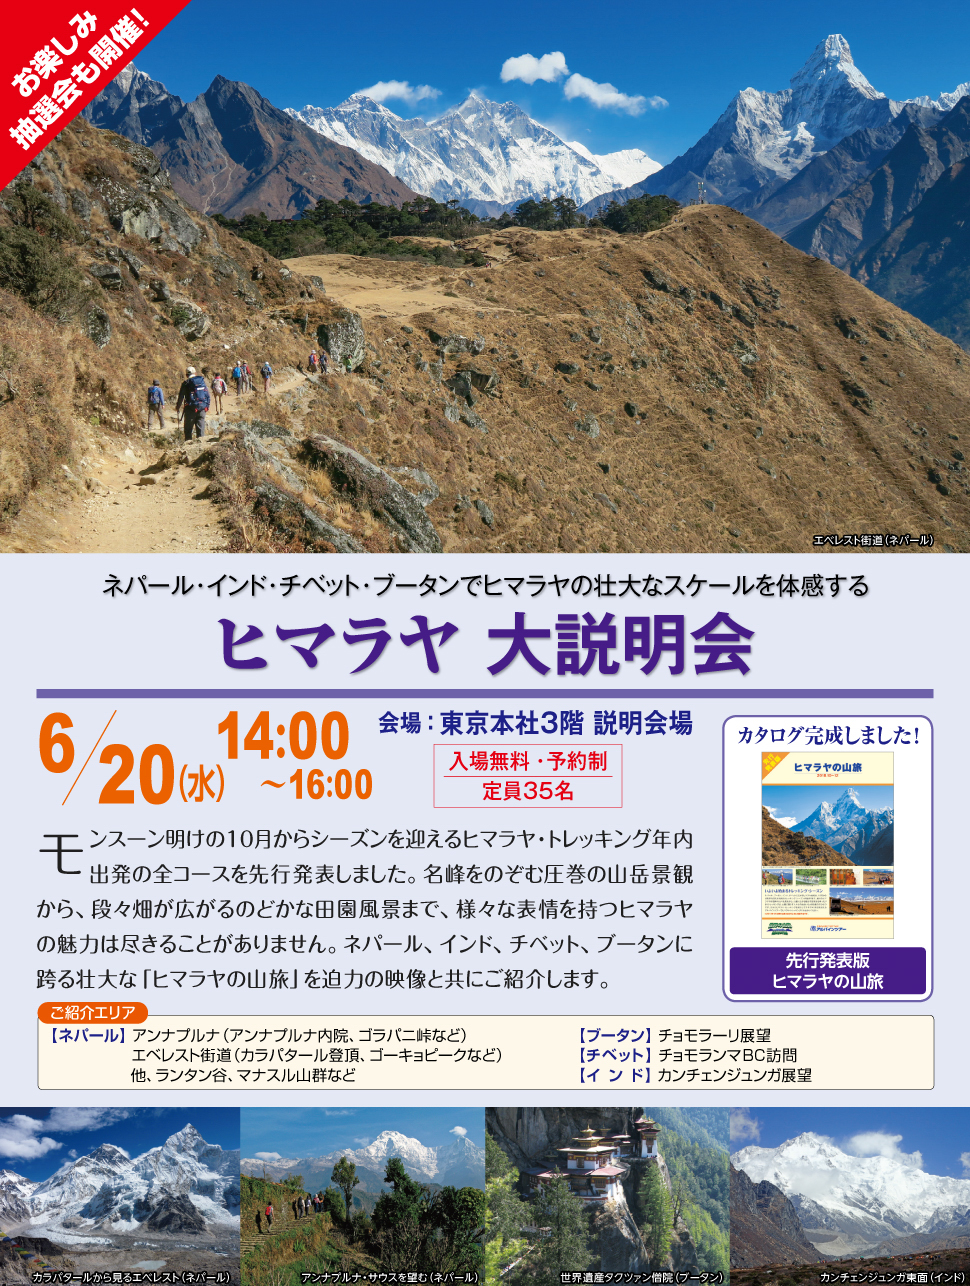 【東京】ヒマラヤ大説明会 ~ネパール・チベット・インド・ブータン~